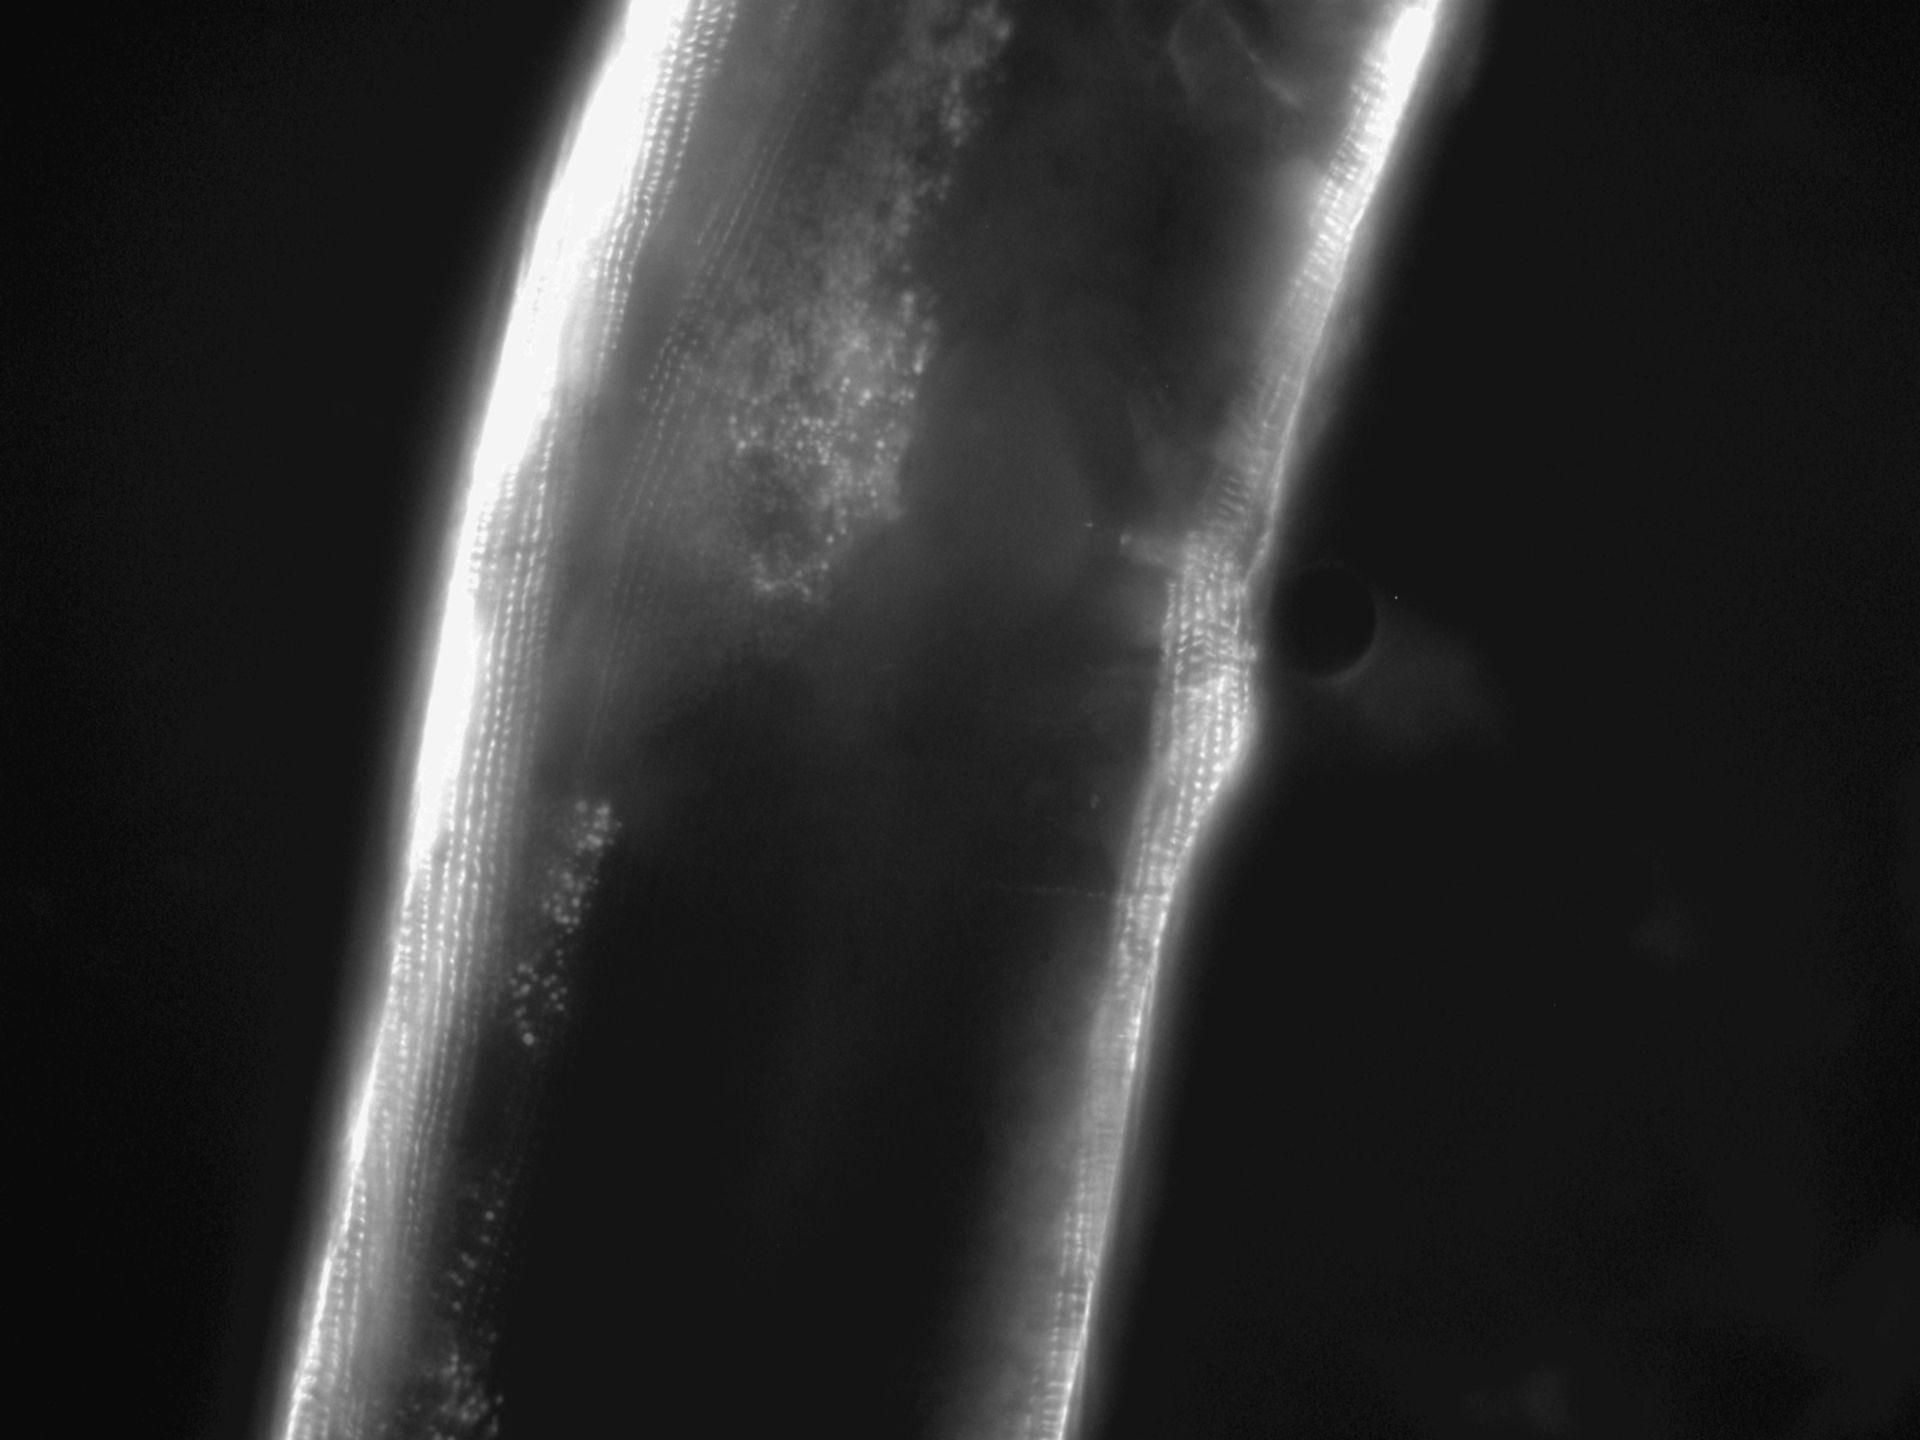 Caenorhabditis elegans (Actin filament) - CIL:1110